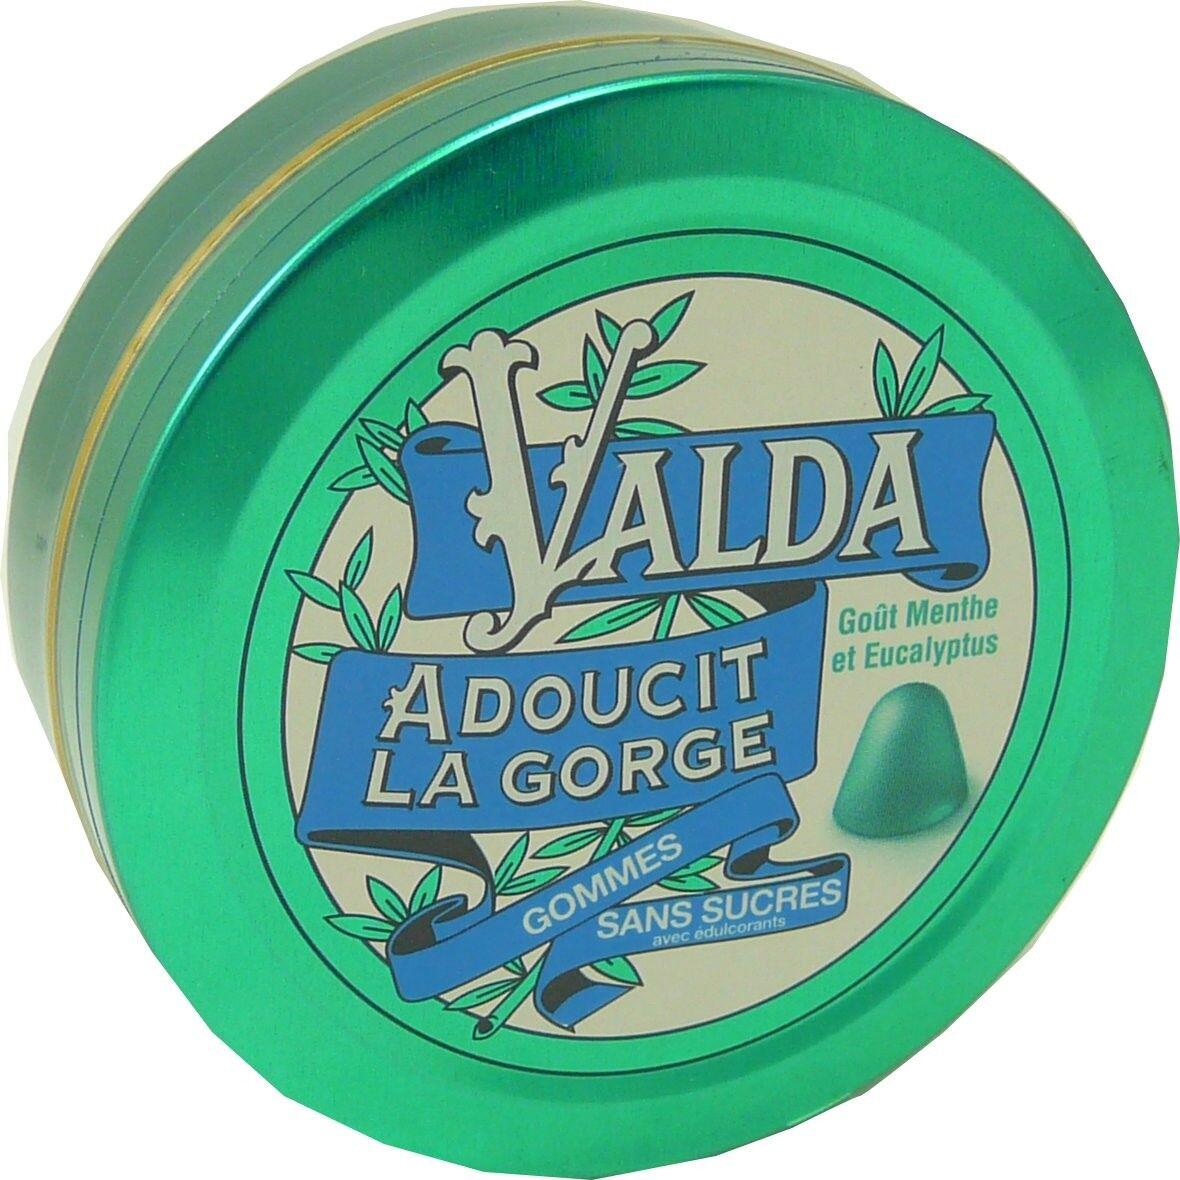 Valda adoucit la gorge menthe eucalyptus gommes sans sucres